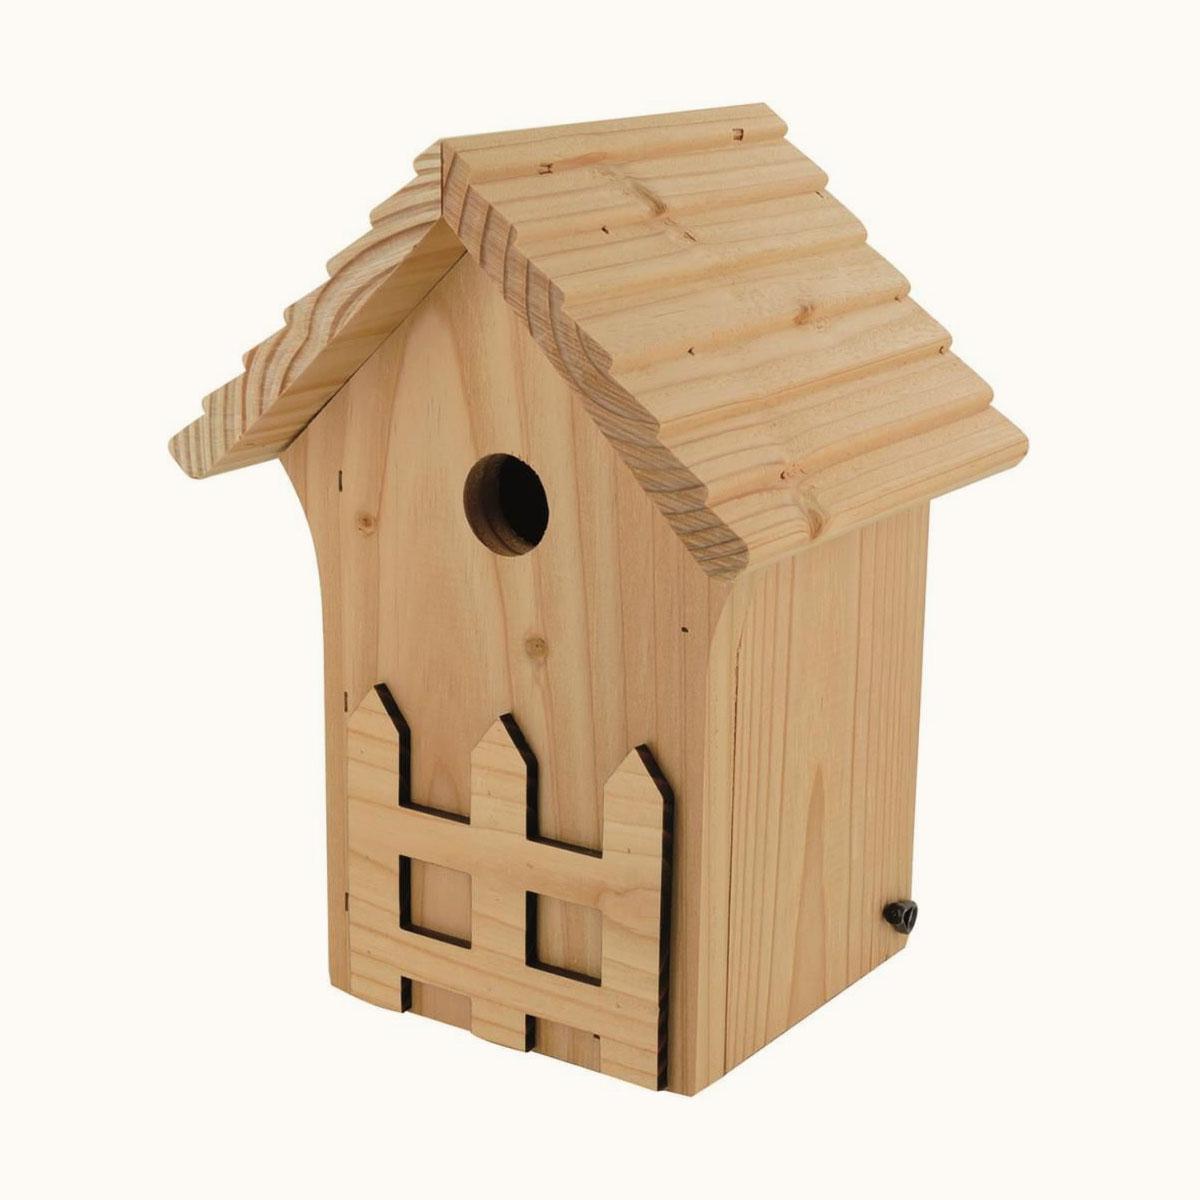 Nichoir En Bois La Crèche Pour Oiseaux (Diamètre D'Entrée De 28 Mm) concernant Abri Oiseau Jardin